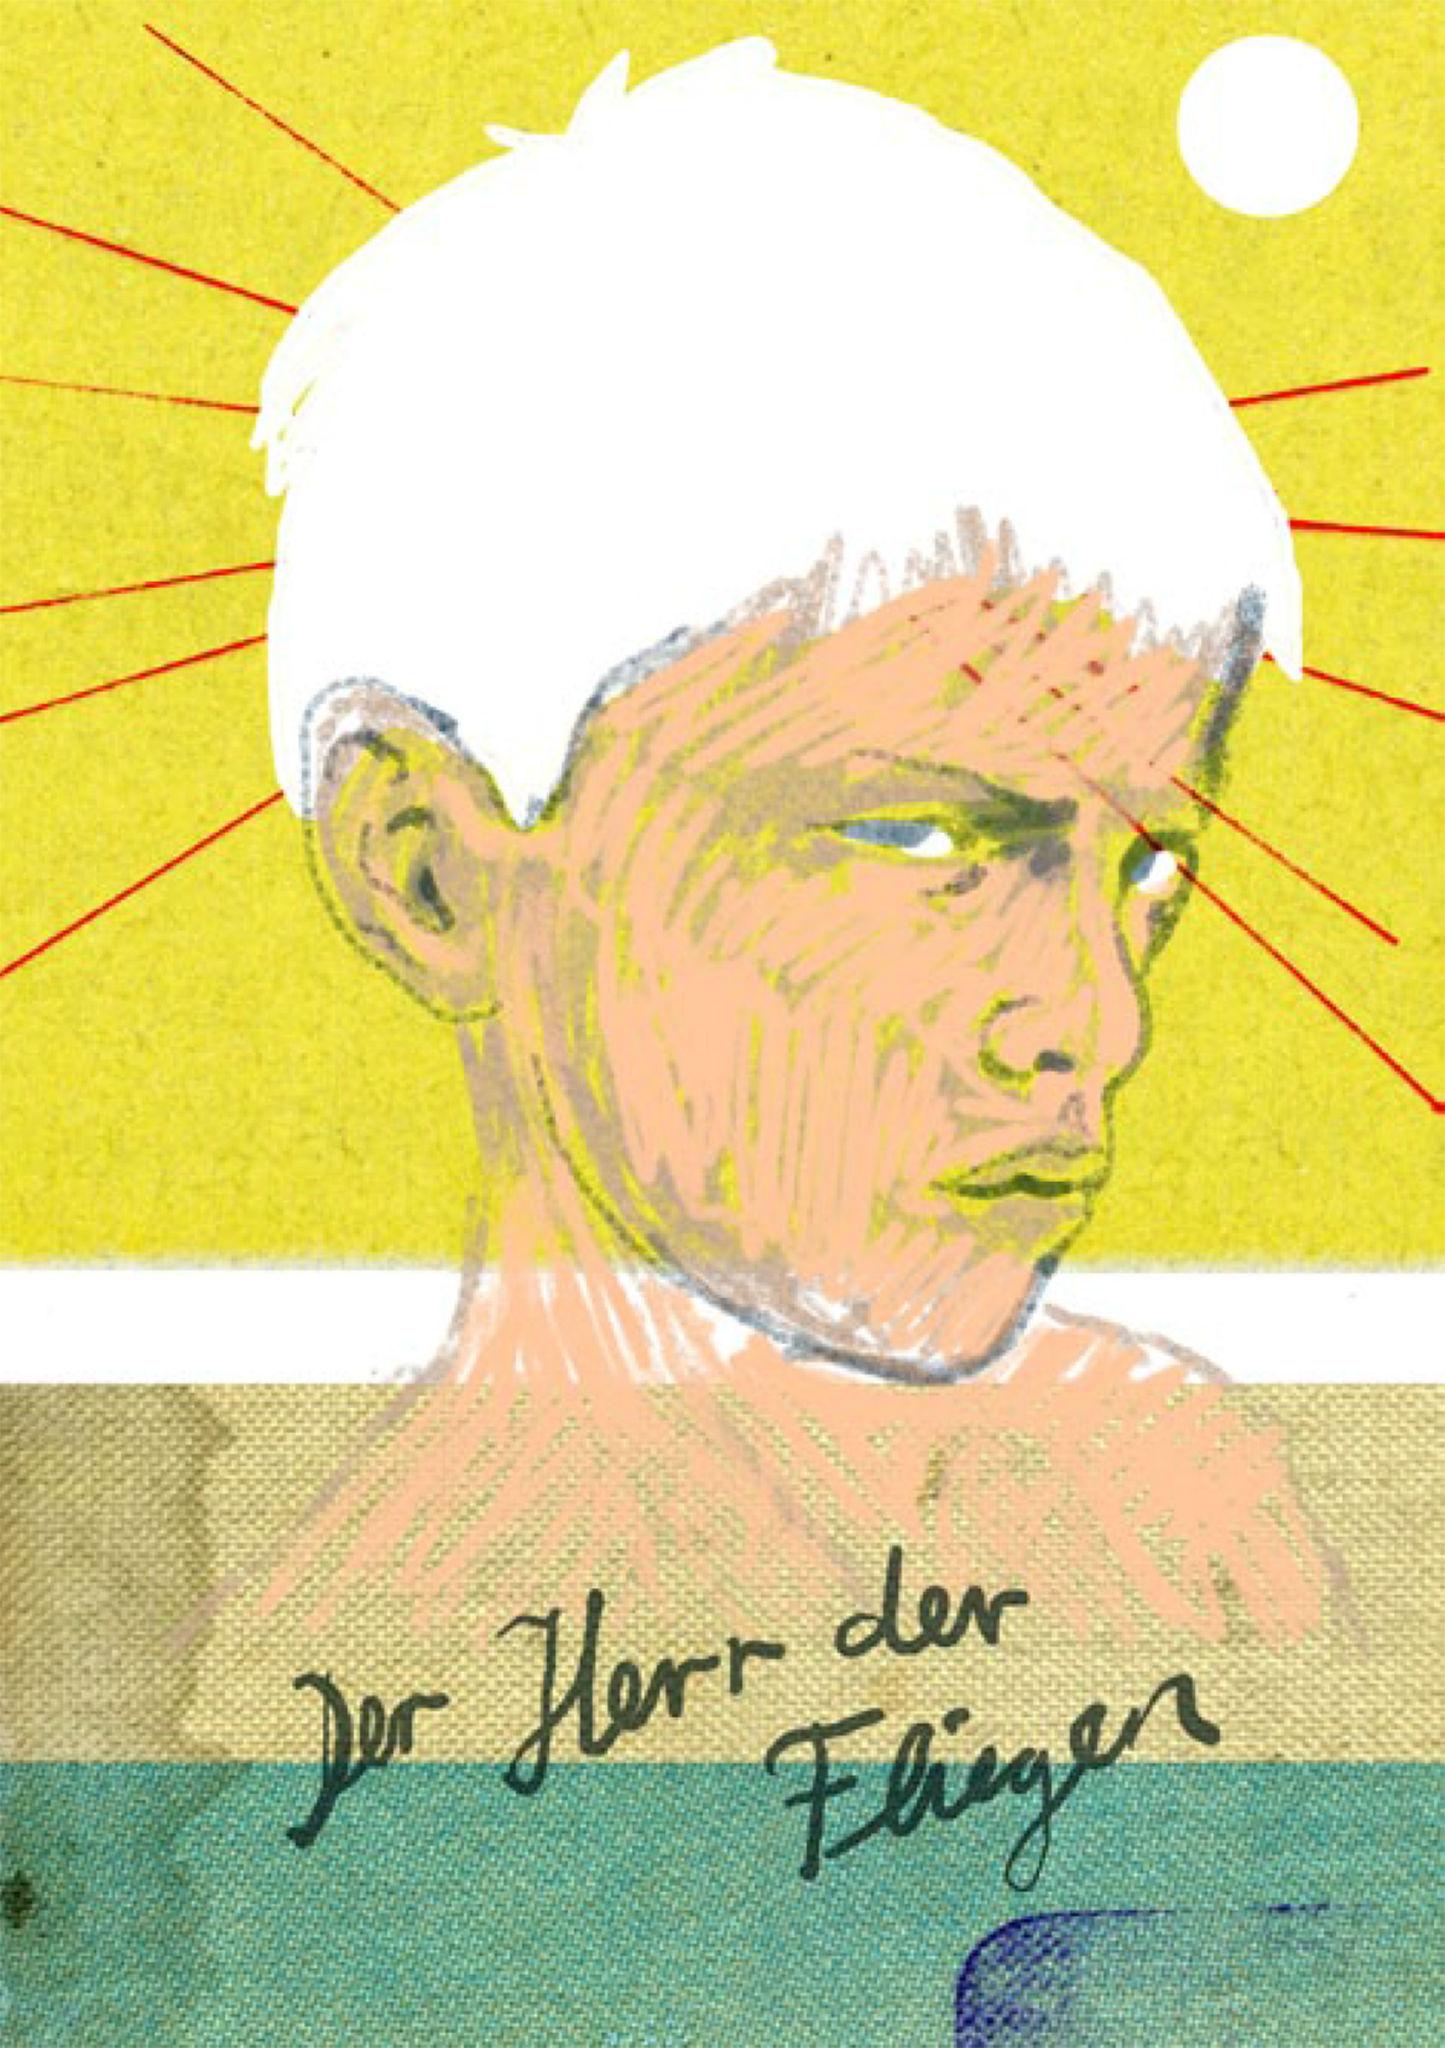 Kleon Medugorac Der Herr der Fliegen